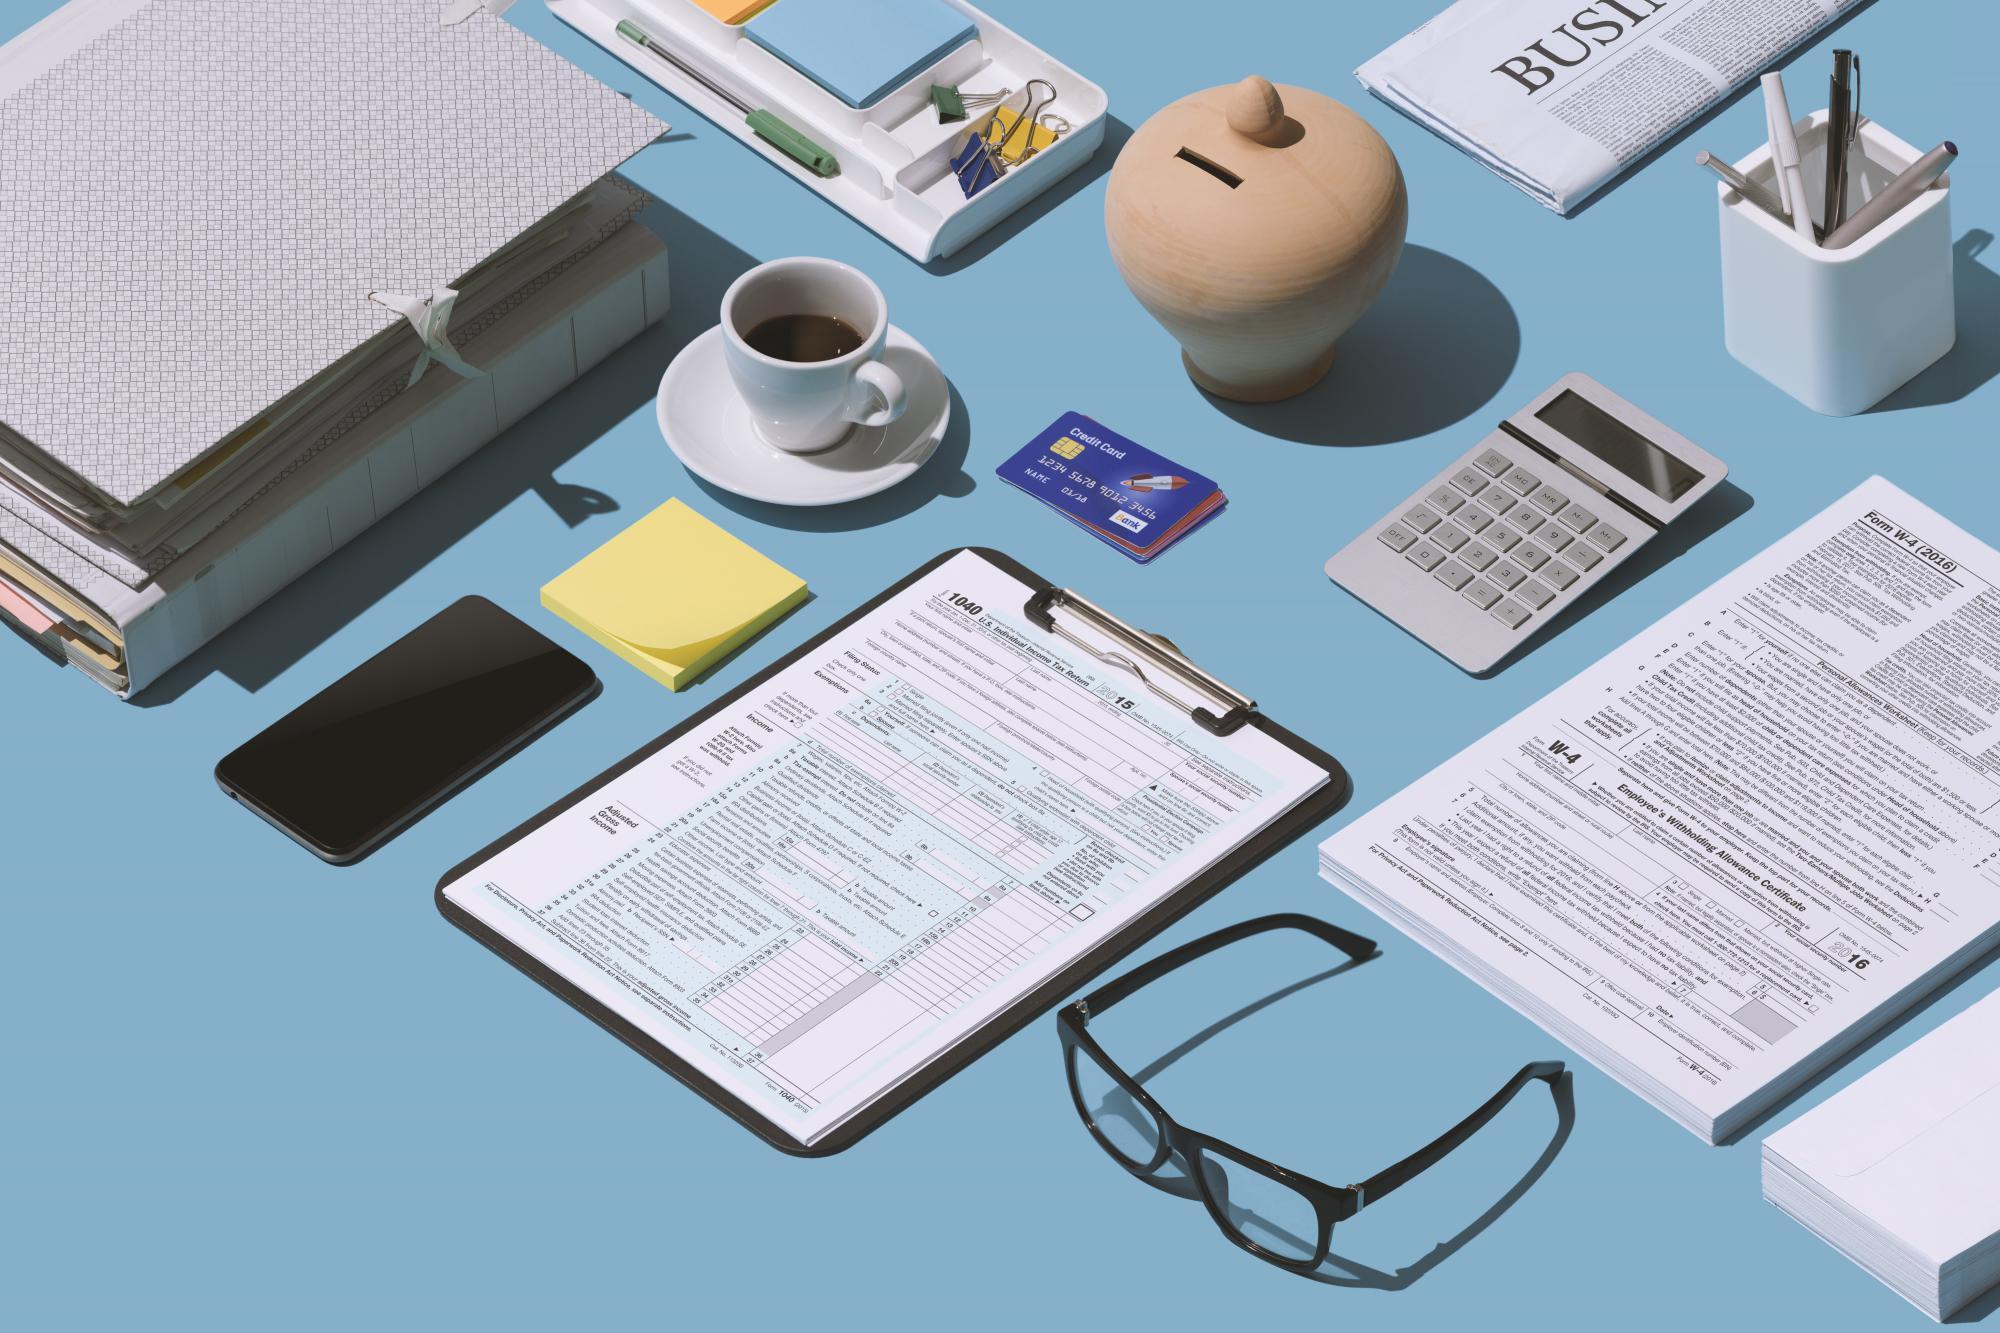 ФНС разрабатывает новые формы отчетности по НДФЛ для налоговых агентов